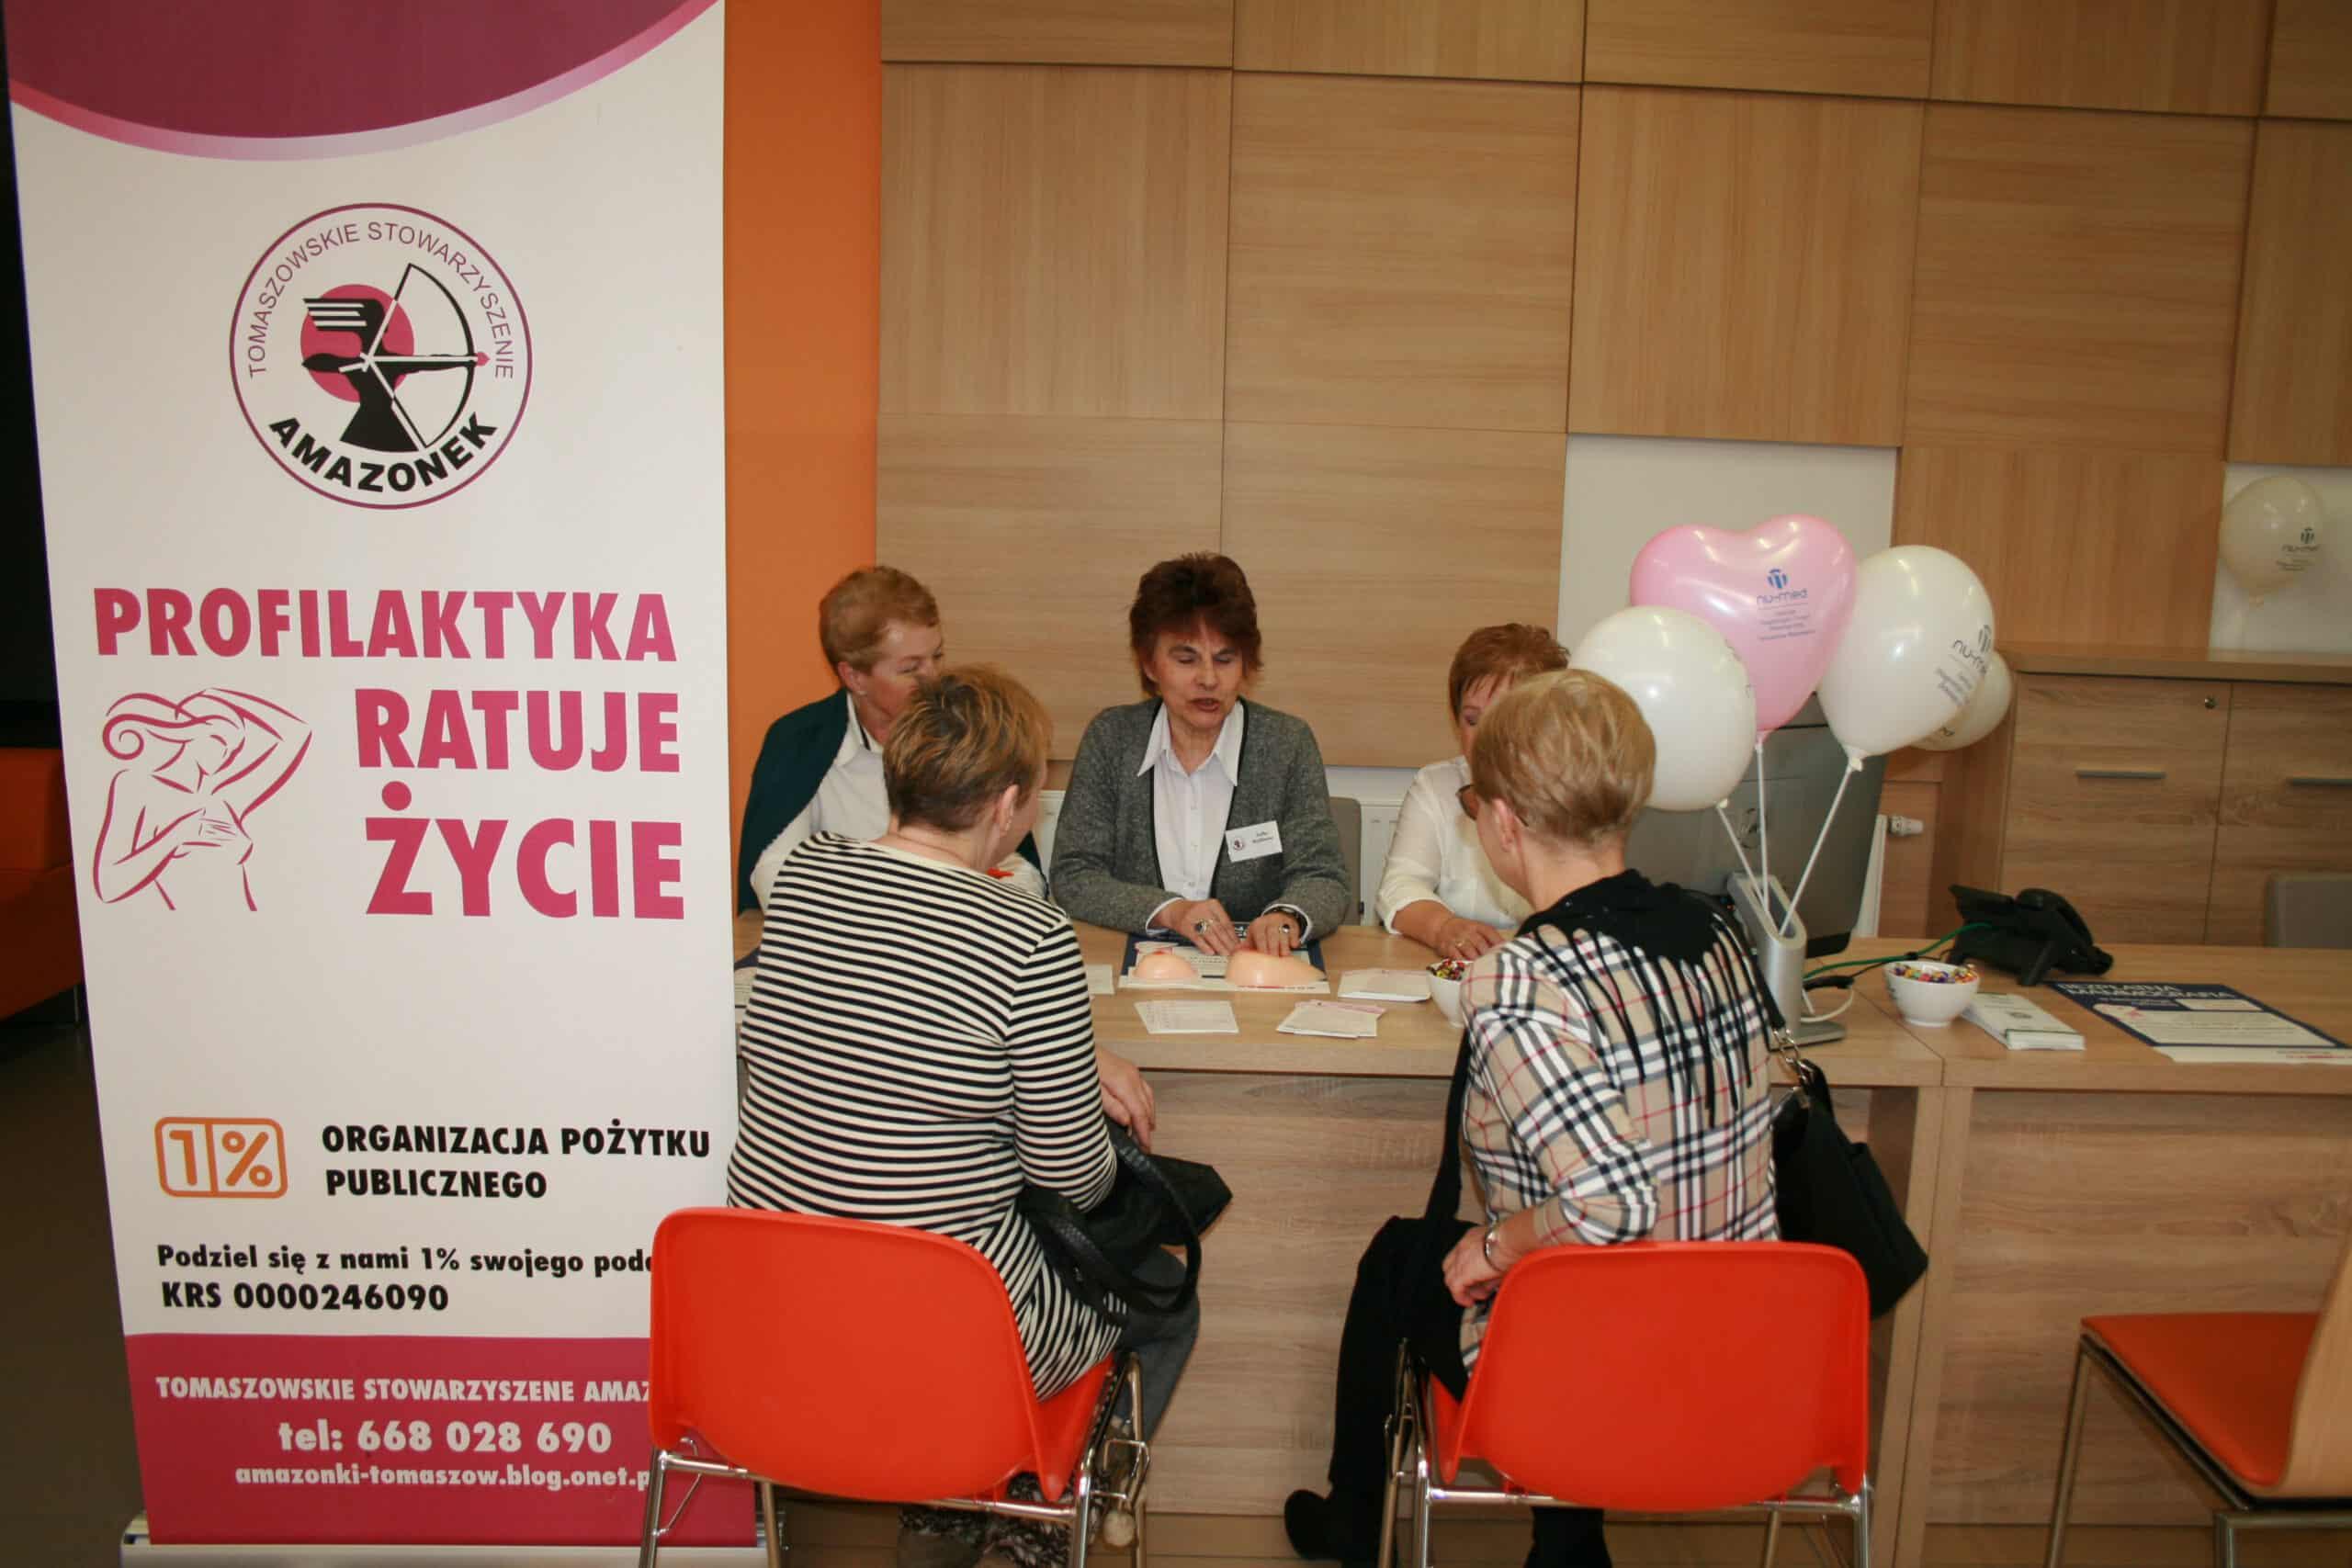 kobiety siedzą przy stoliku rozmawiając o profilaktyce raka piersi